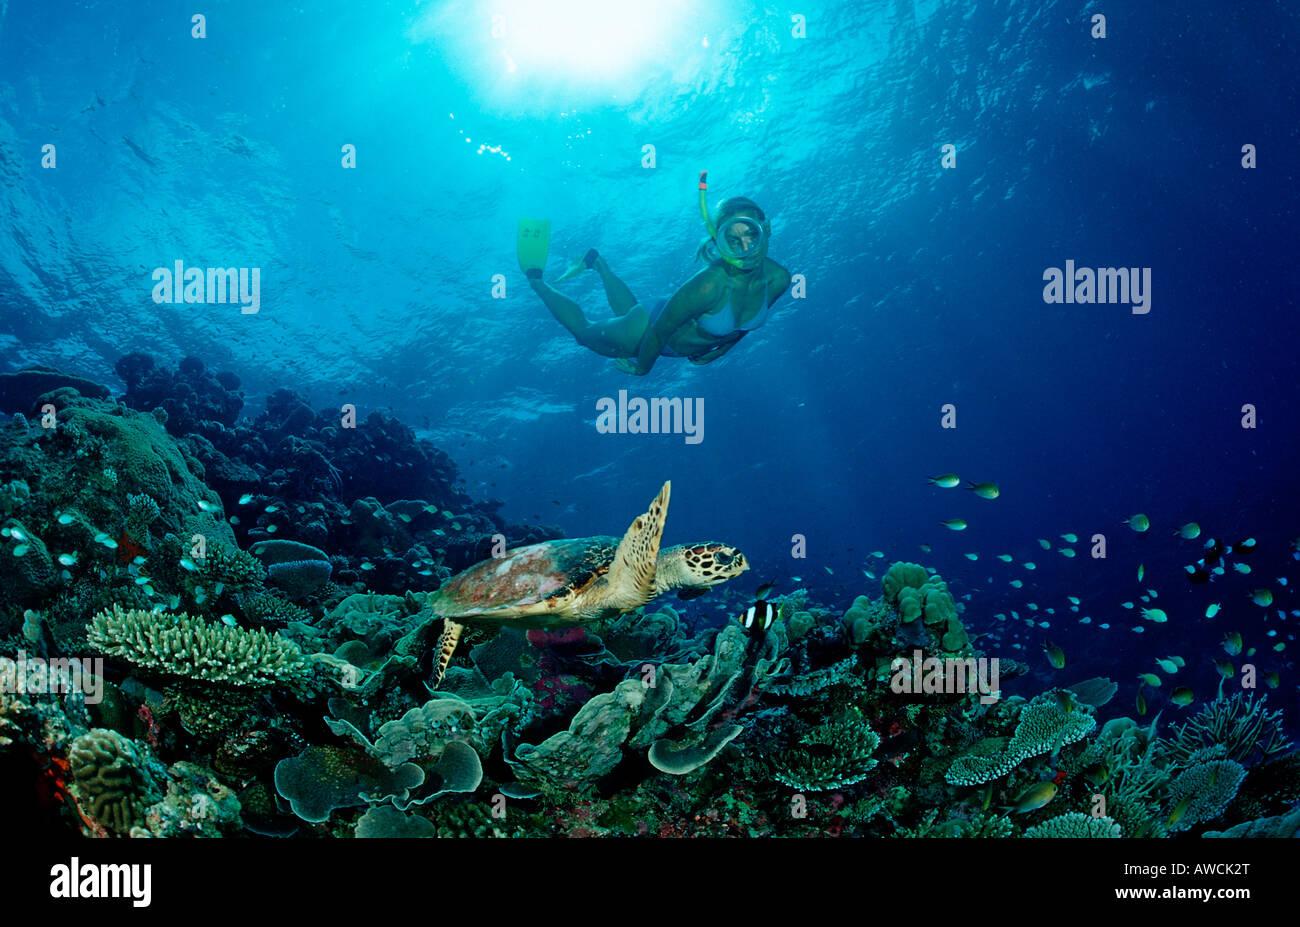 La tortue imbriquée Eretmochelys imbricata plongeur de la peau et de l'Océan Indien Maldives atoll Meemu Banque D'Images